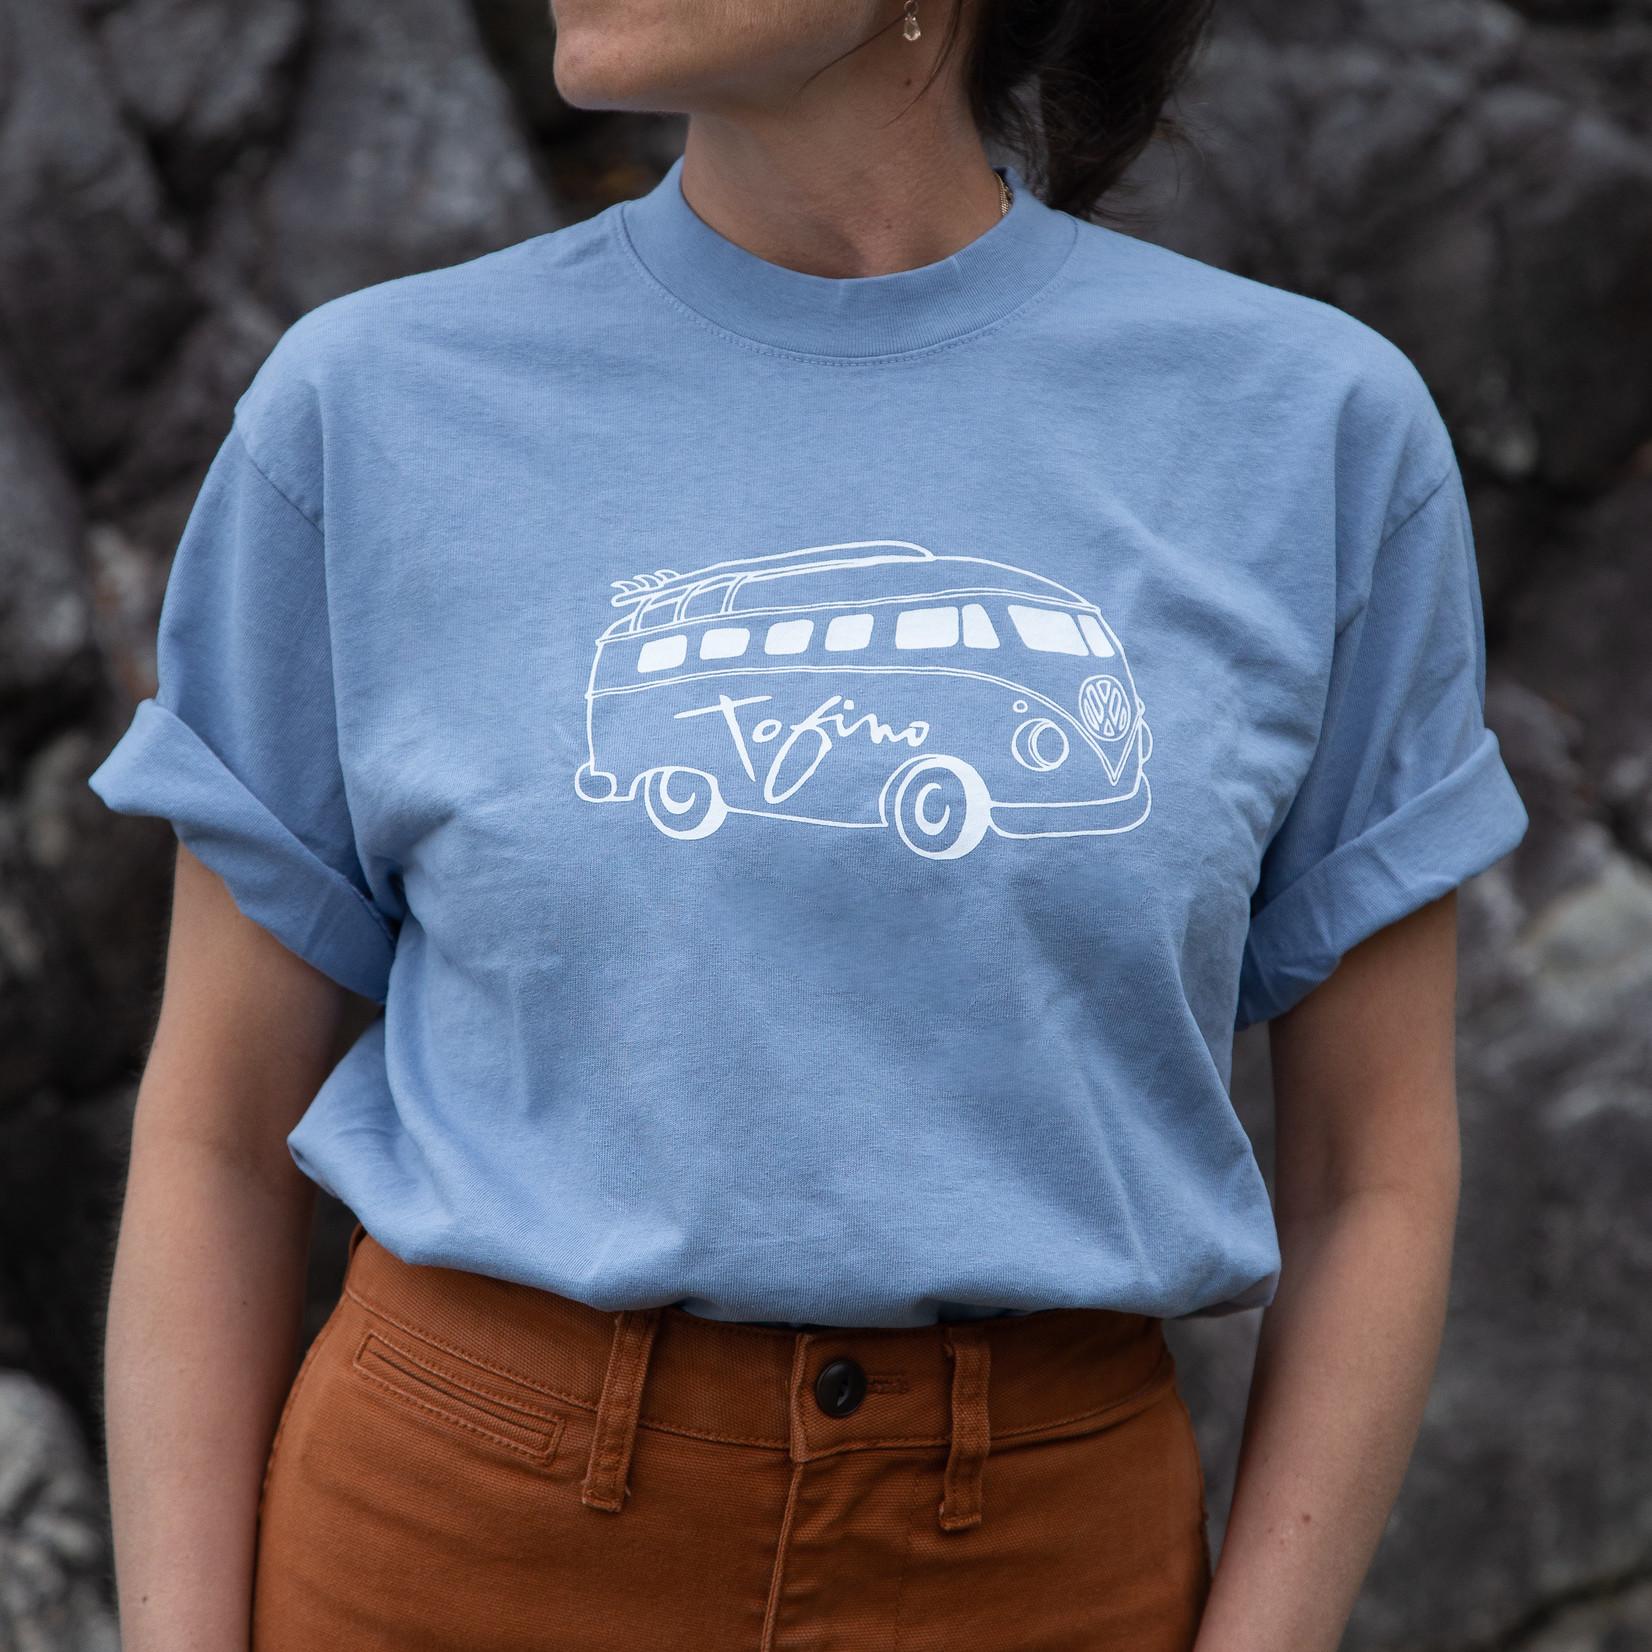 Tourism Tofino Unisex T-Shirt Chestervan